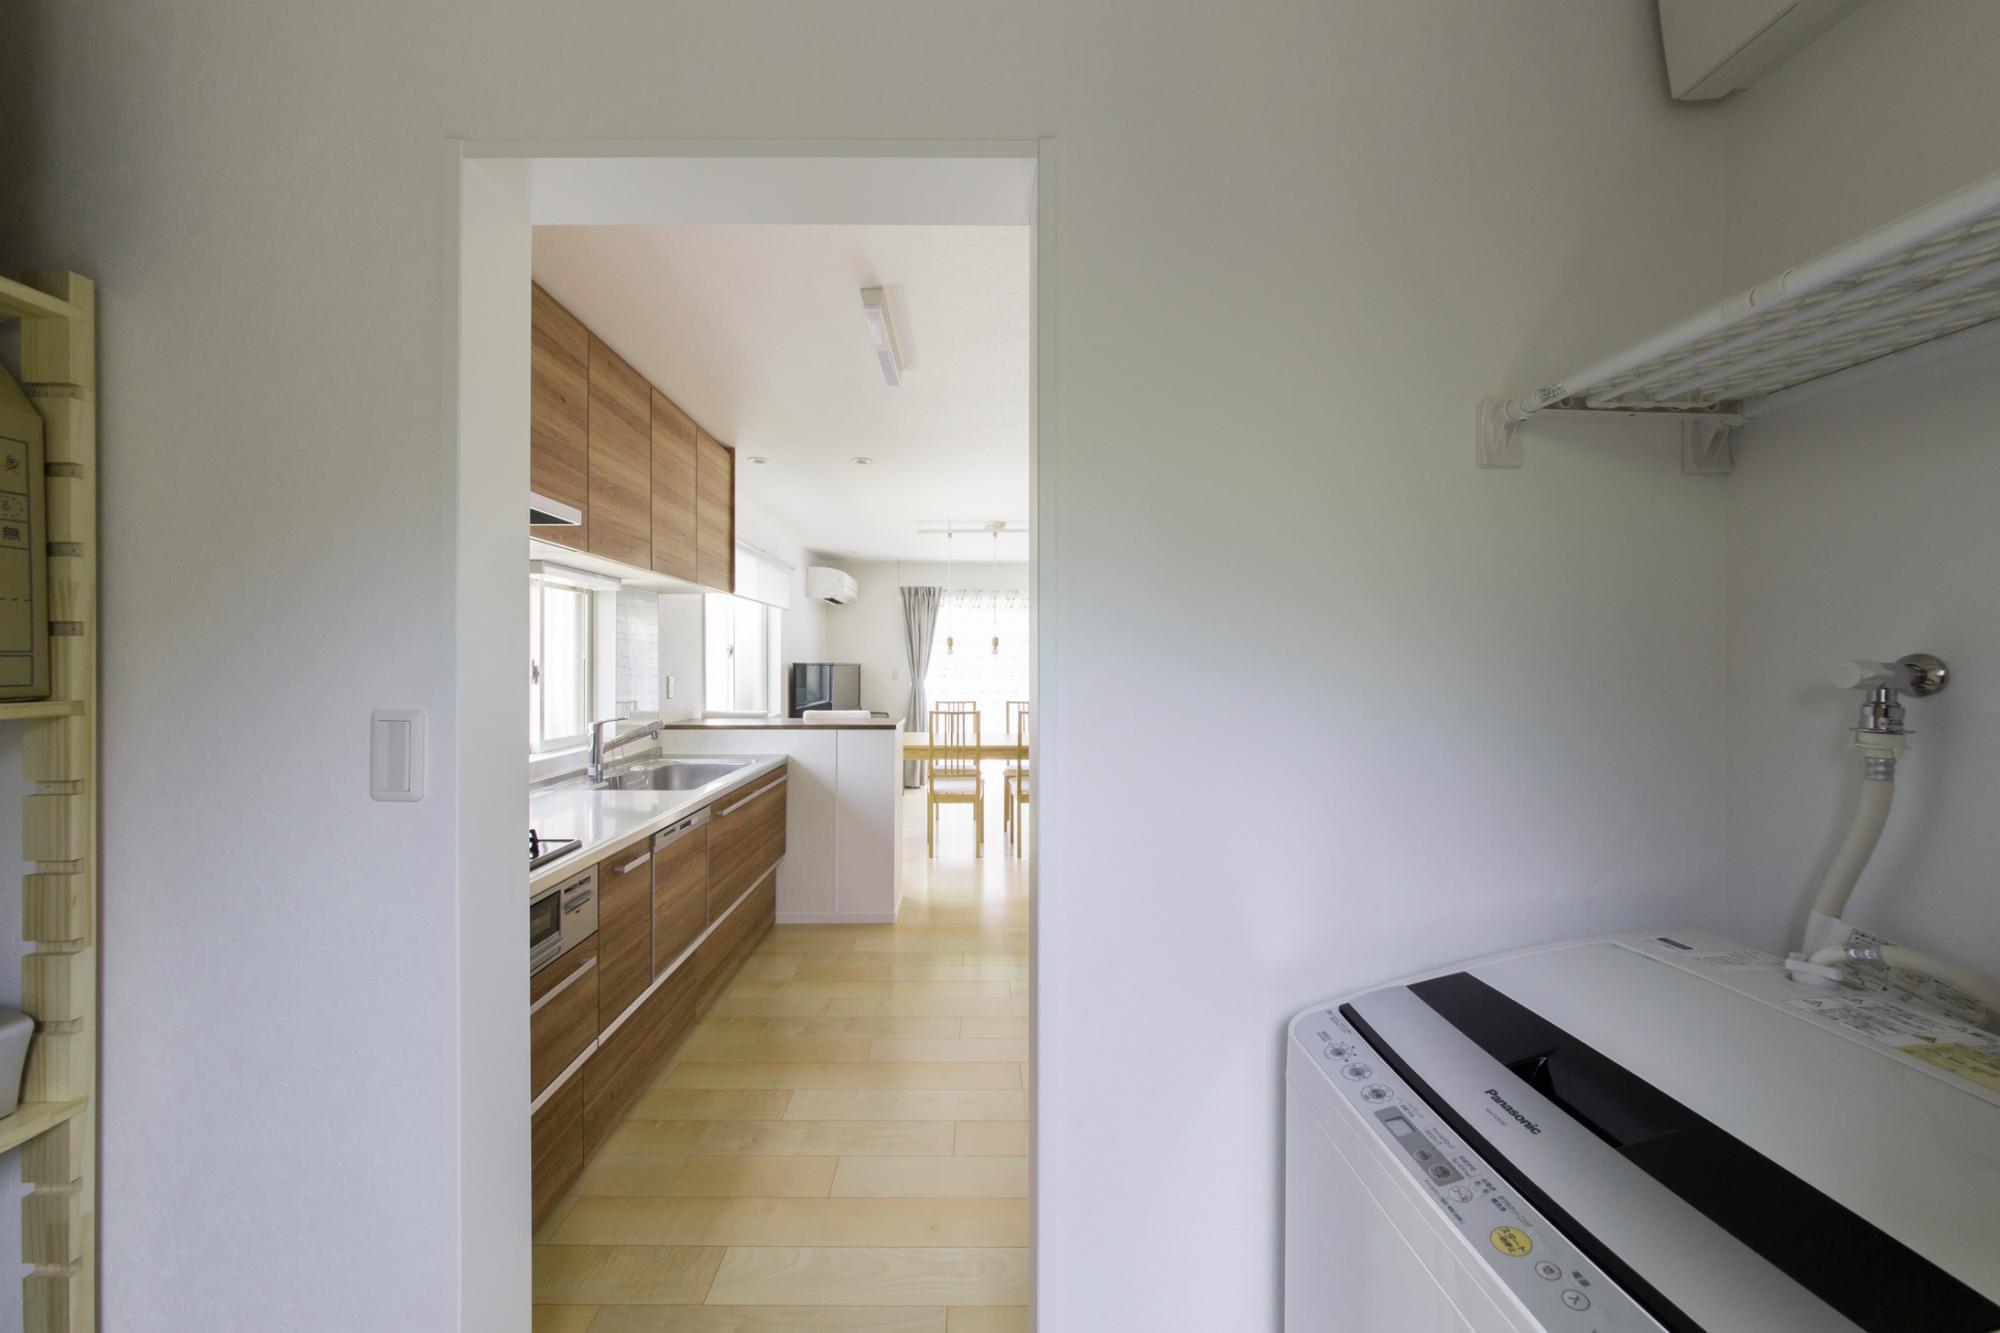 洗濯機が置けるよう、キッチンの先にユーティリティ空間を設けました。コストを抑えるため扉は設けず、カーテンで仕切っています。